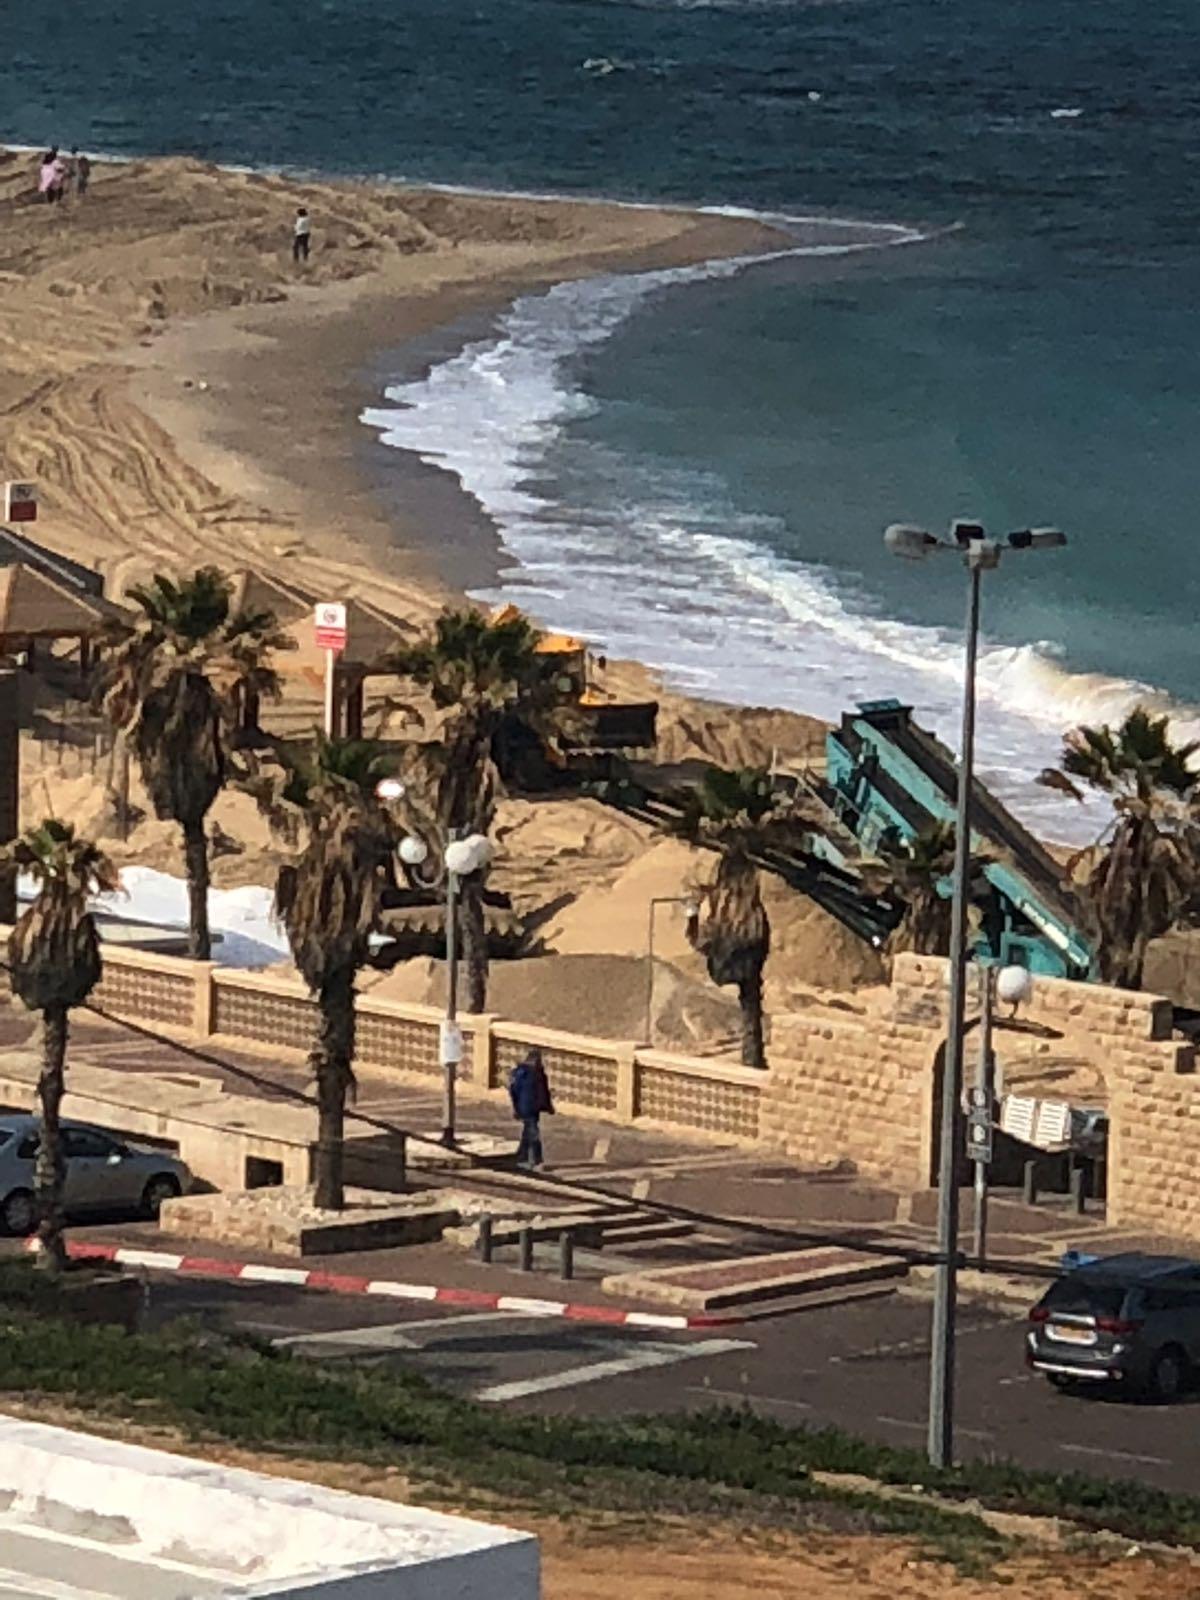 فيديو: عمليات تنظيف على شاطئ يافا تمهيداً لافتتاح موسم السباحة